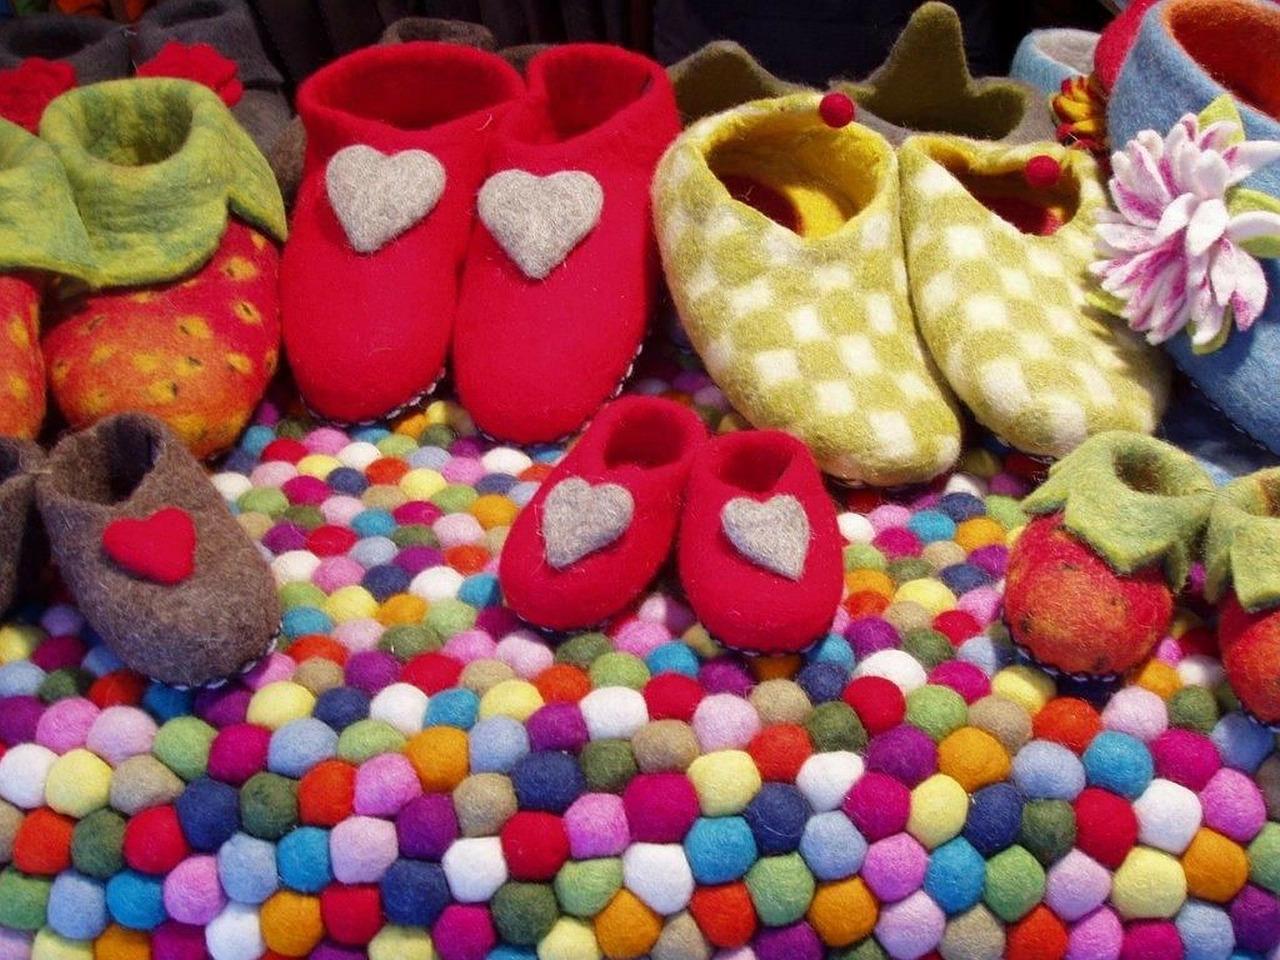 shoes-139899_1280